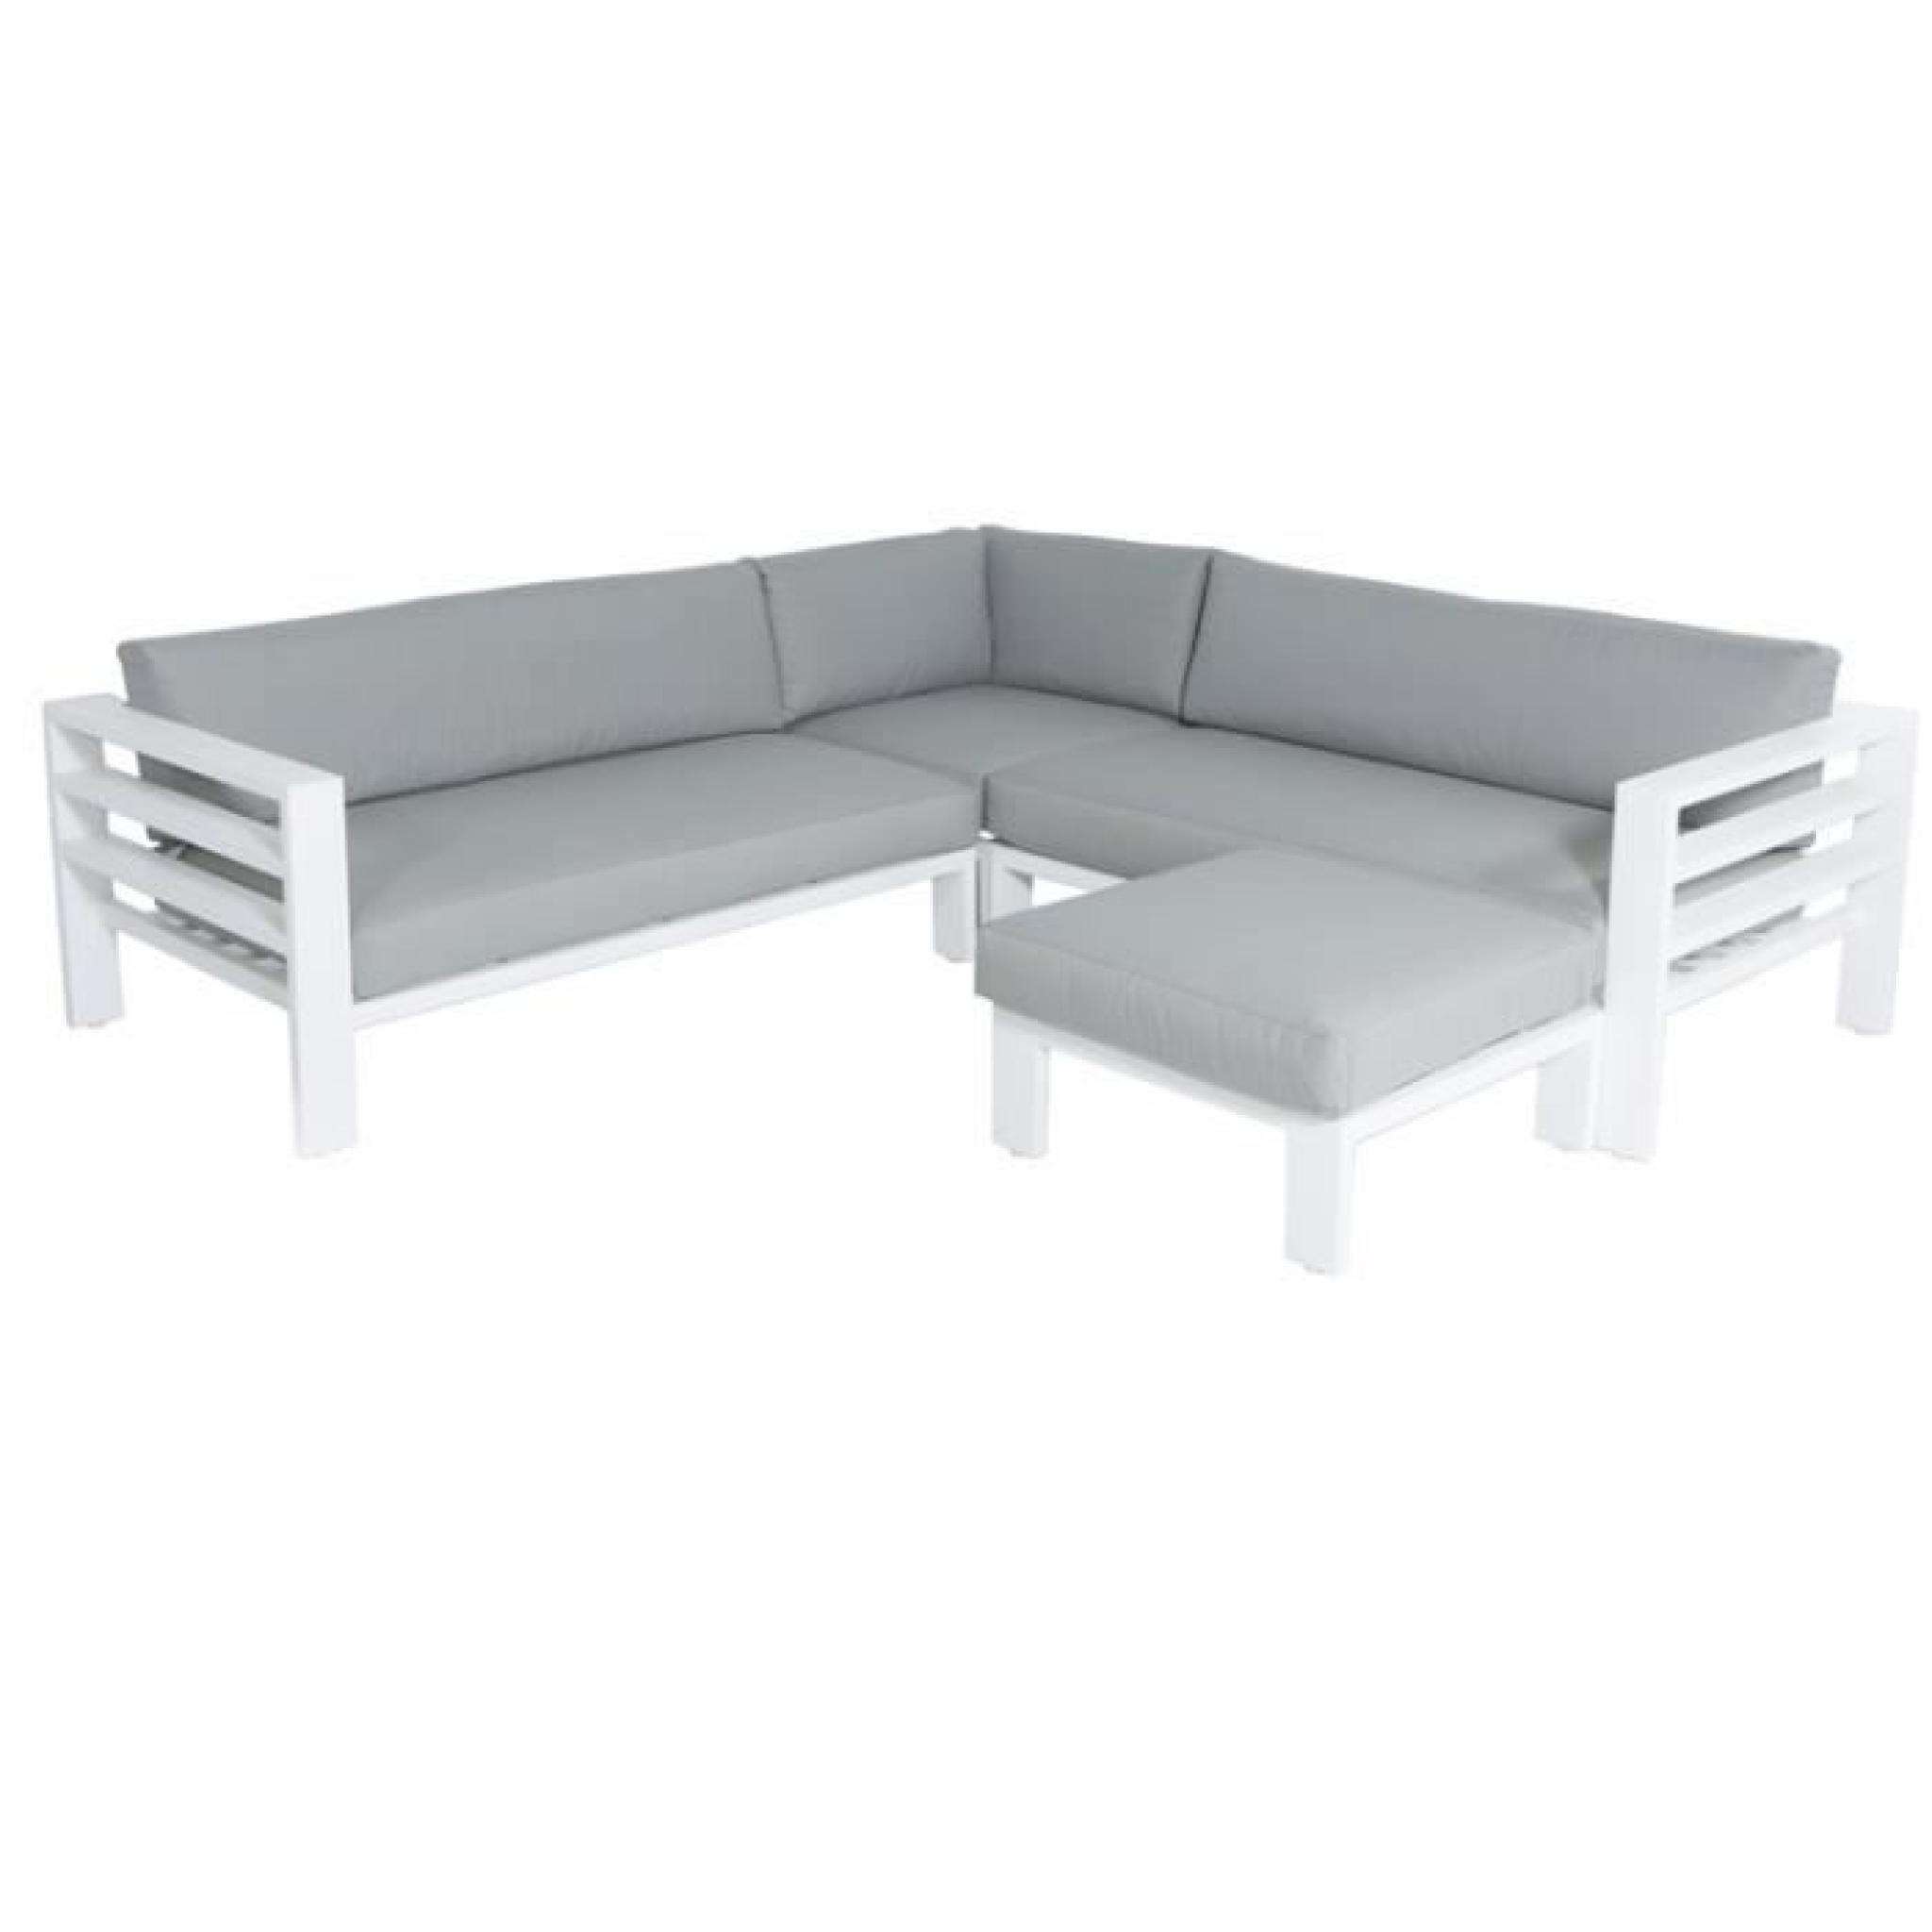 Salon d\'angle de jardin en aluminium Adelaïde - Achat/Vente salon de ...